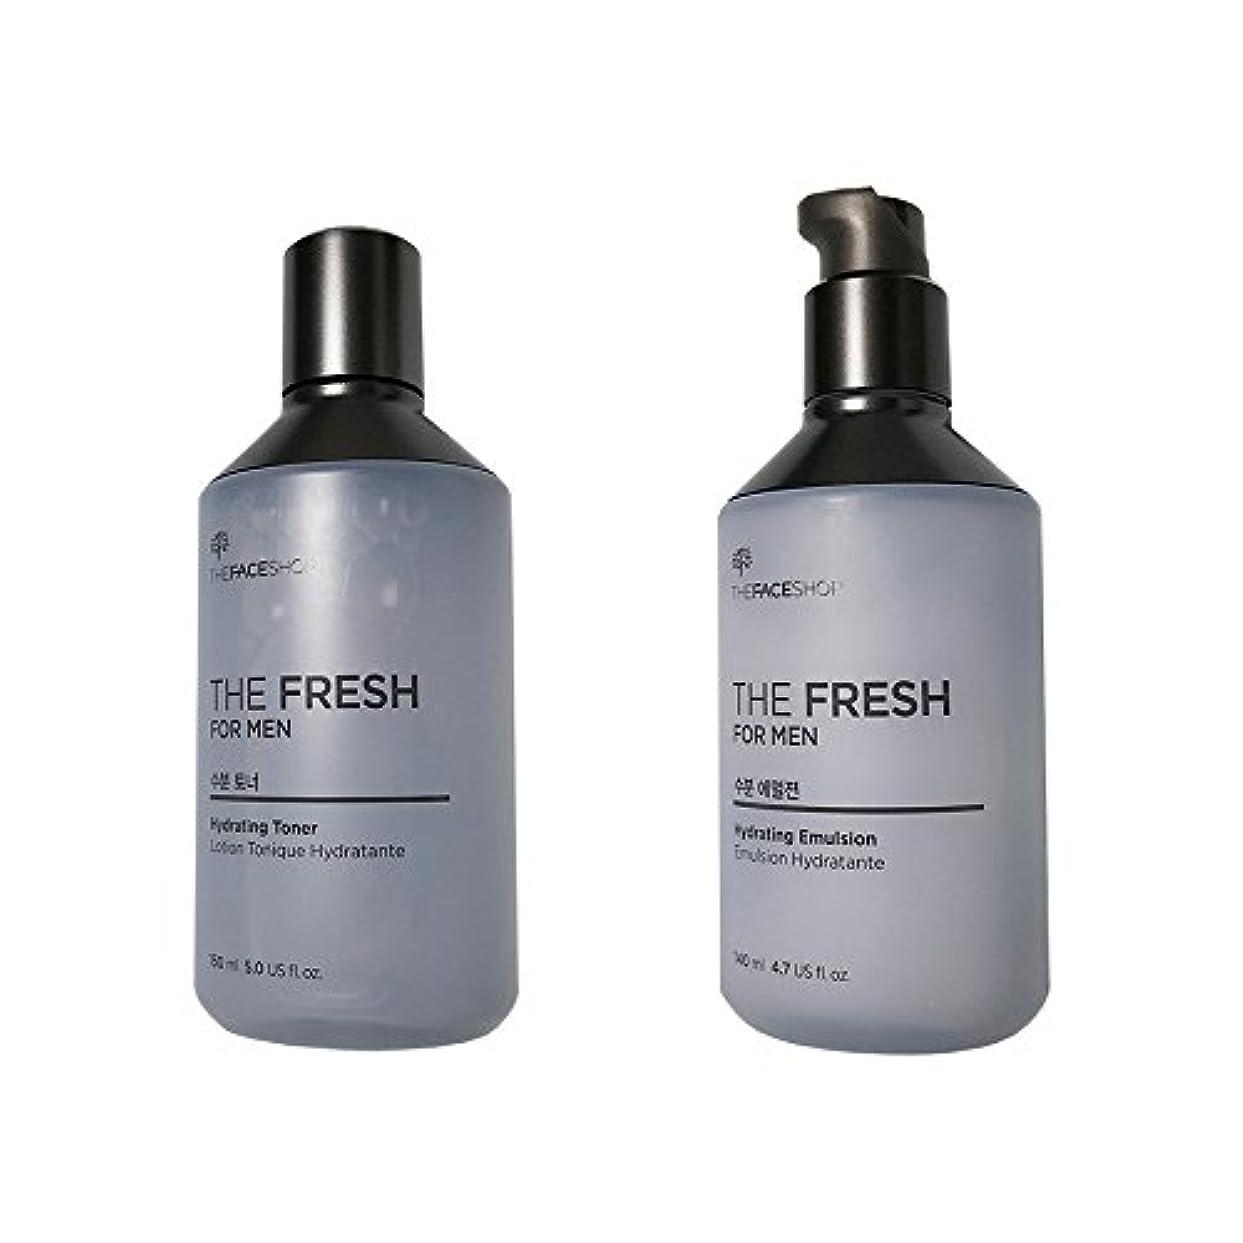 記念碑的な彼女の調整する[ザ?フェイスショップ] The Face Shop ザフレッシュフォーマン水分スキンケアセット(エマルジョン140ml+トナー150ml) The Face Shop The Fresh For Men Hydrating Skincare Set(emulsion140ml+Toner150ml) [海外直送品]